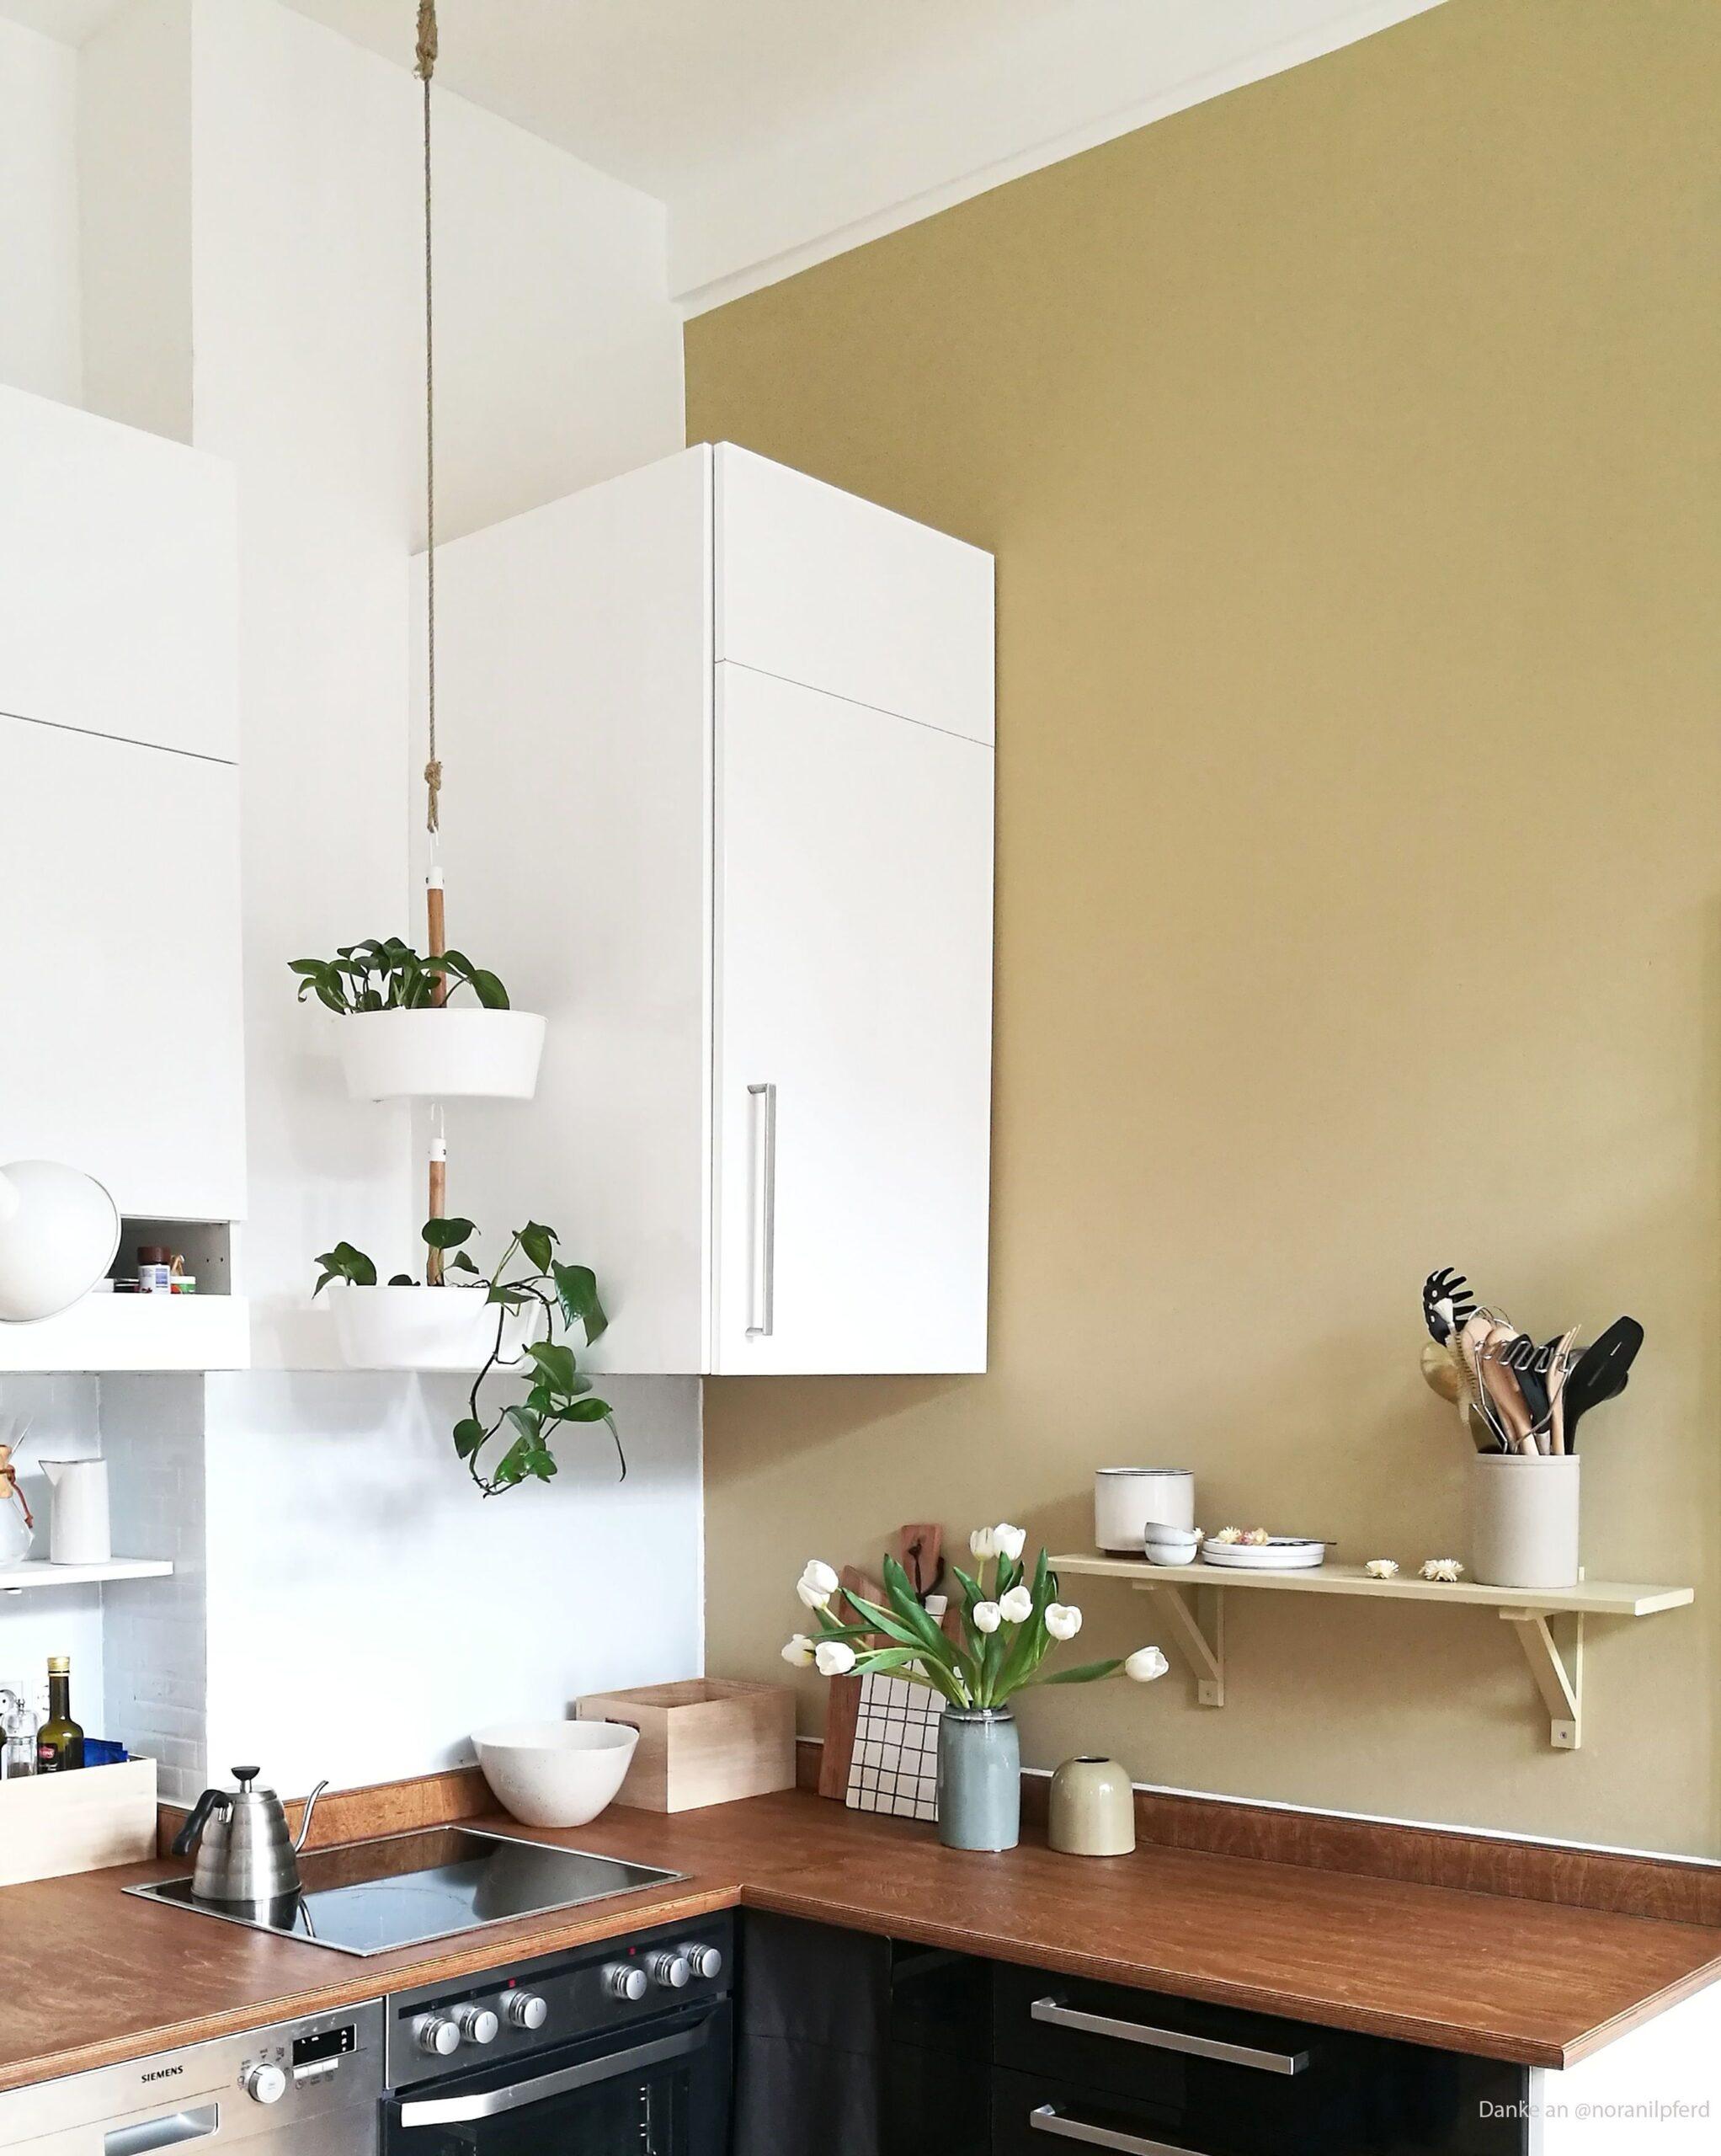 Wandfarbe Küche Wohnzimmer Wandfarbe Küche Streich Kche Wandfarben Online Bestellen Auf Spüle Billig Kaufen Günstig Mit Elektrogeräten Handtuchhalter Eckunterschrank Kreidetafel